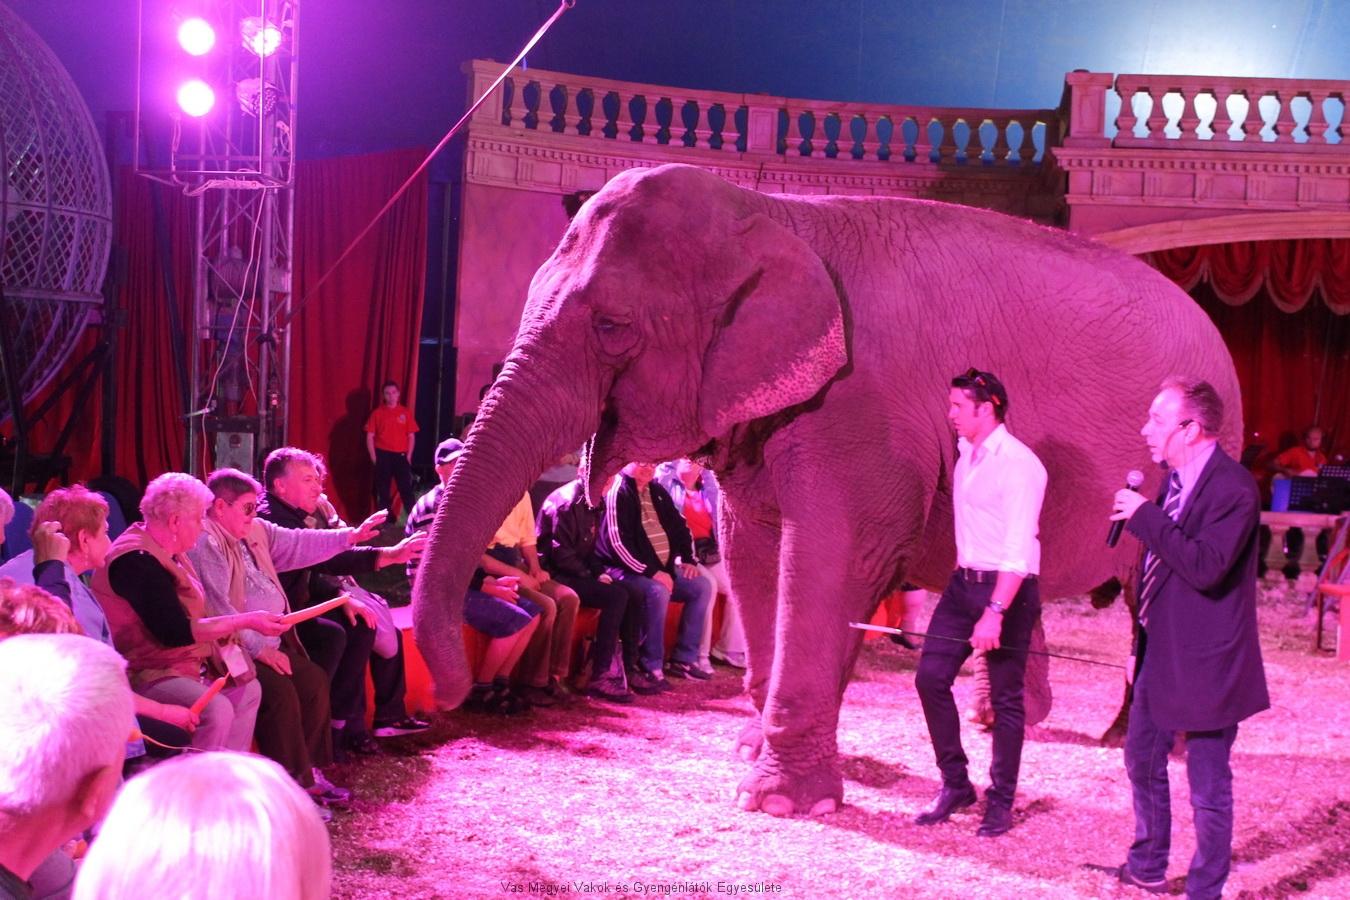 Az elefánt mindenkitől elfogadta, sőt elvette, ha valaki nem nyújtotta neki a sárgarépát. Cserébe engedte, hogy simogassák.